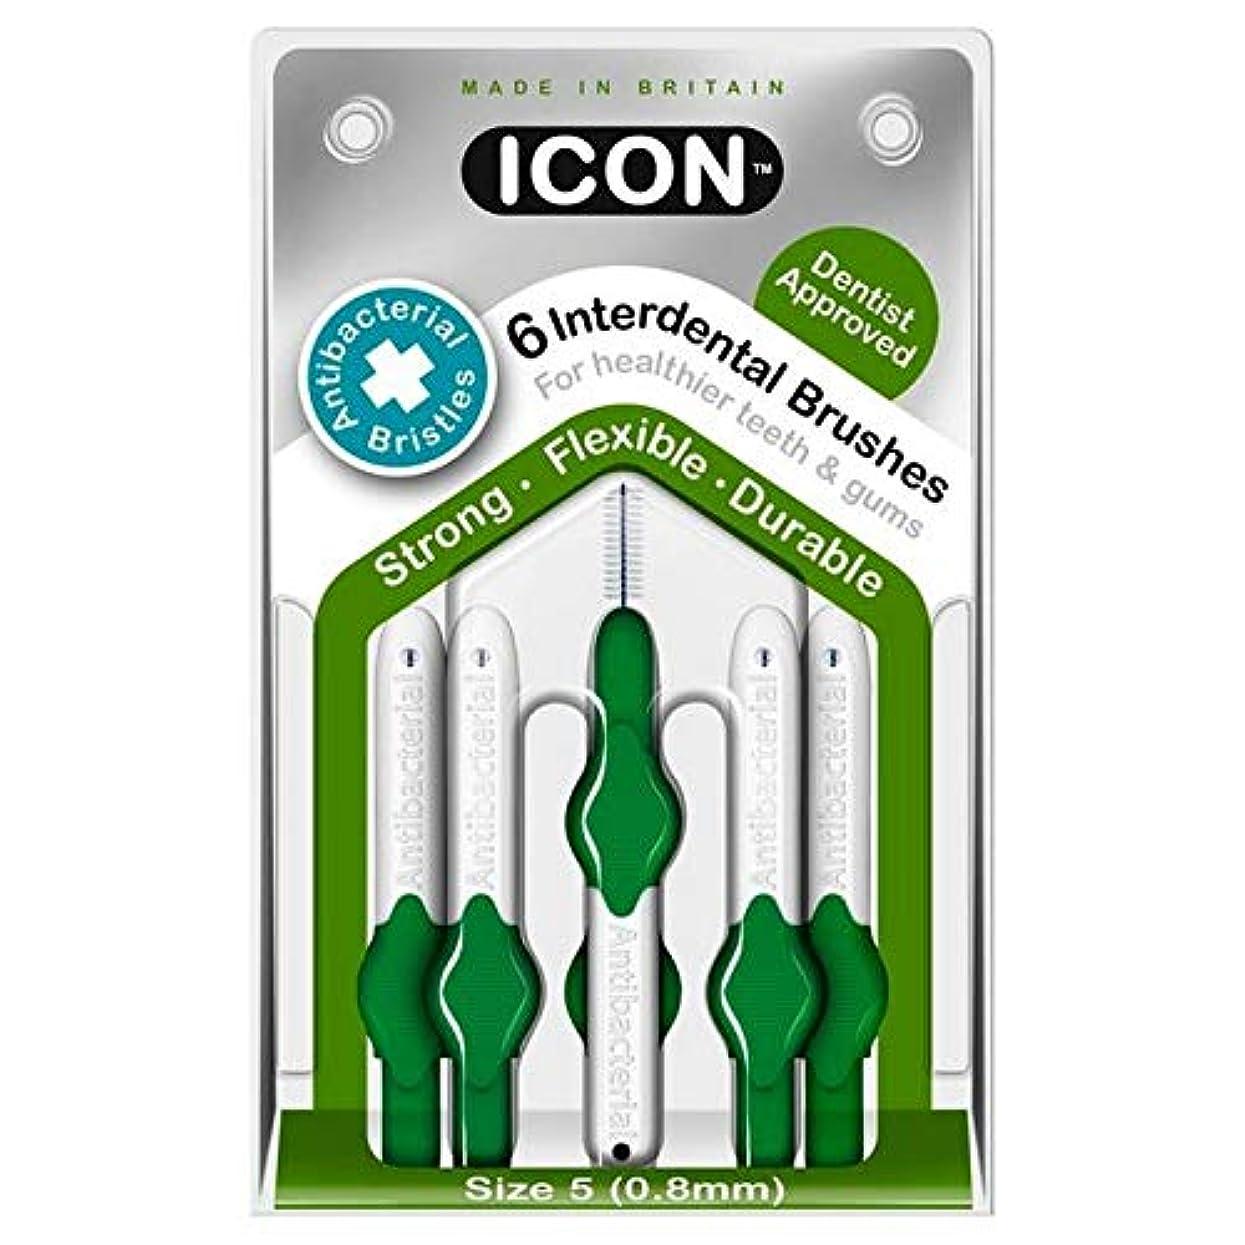 プレゼン雑多なのみ[Icon ] アイコンの歯間には、パックあたり0.8ミリメートル6ブラシ - Icon Interdental Brushes 0.8mm 6 per pack [並行輸入品]